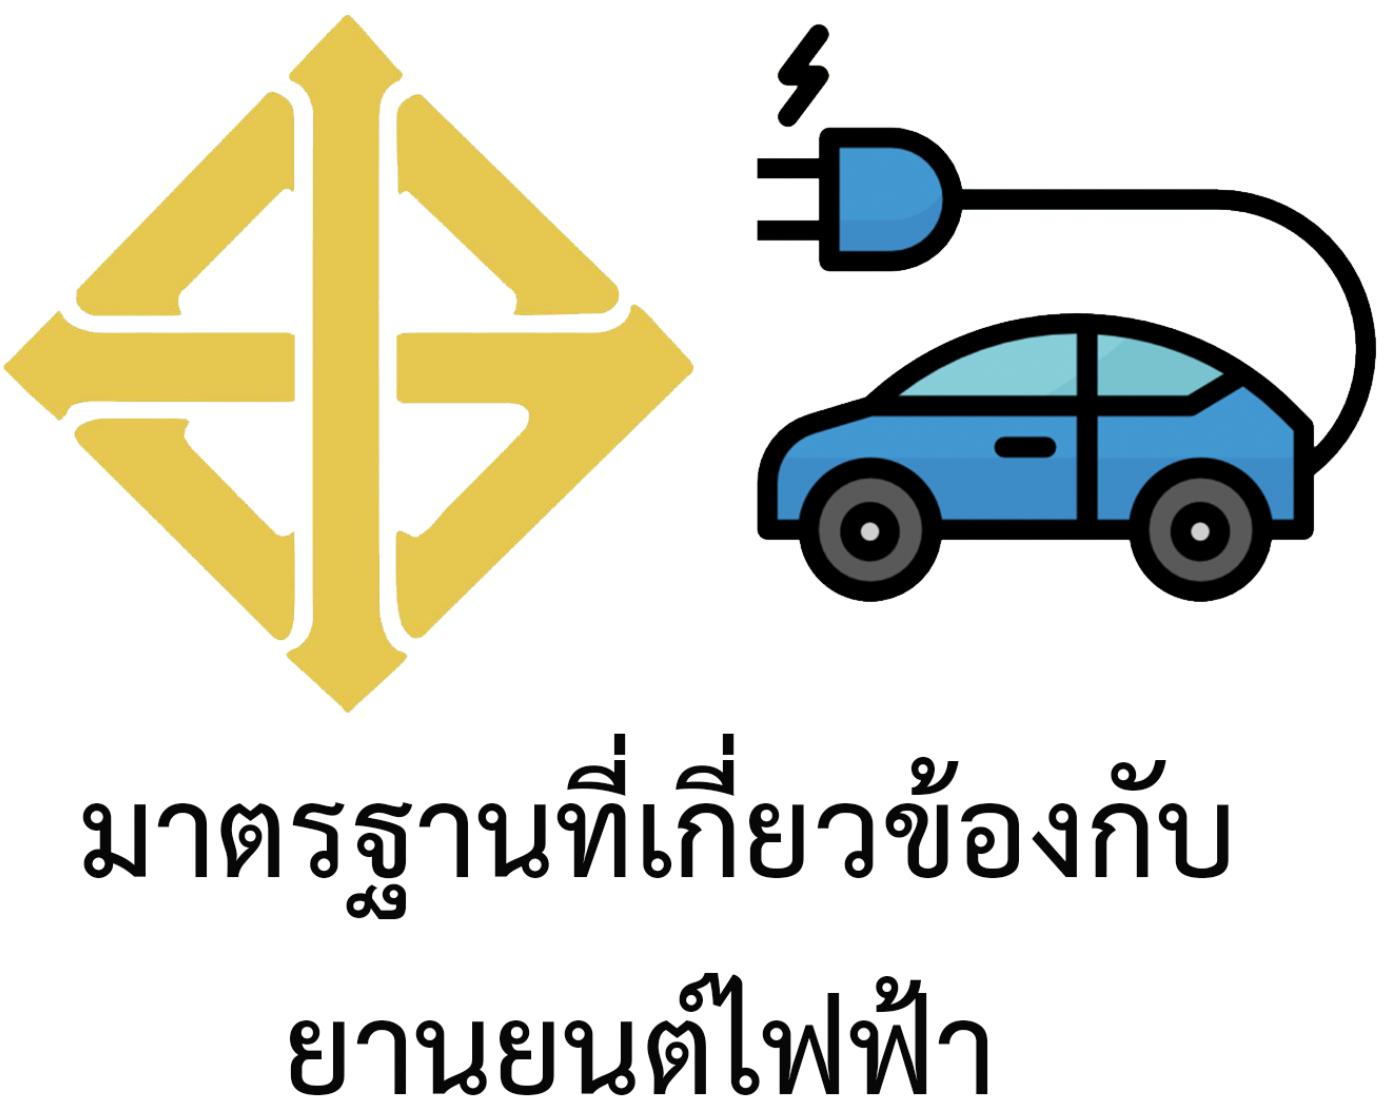 สรุปมาตรฐานที่เกี่ยวข้องกับยานยนต์ไฟฟ้าของประเทศไทย จากสำนักงานมาตรฐานผลิตภัณฑ์อุตสาหกรรม (สมอ.)